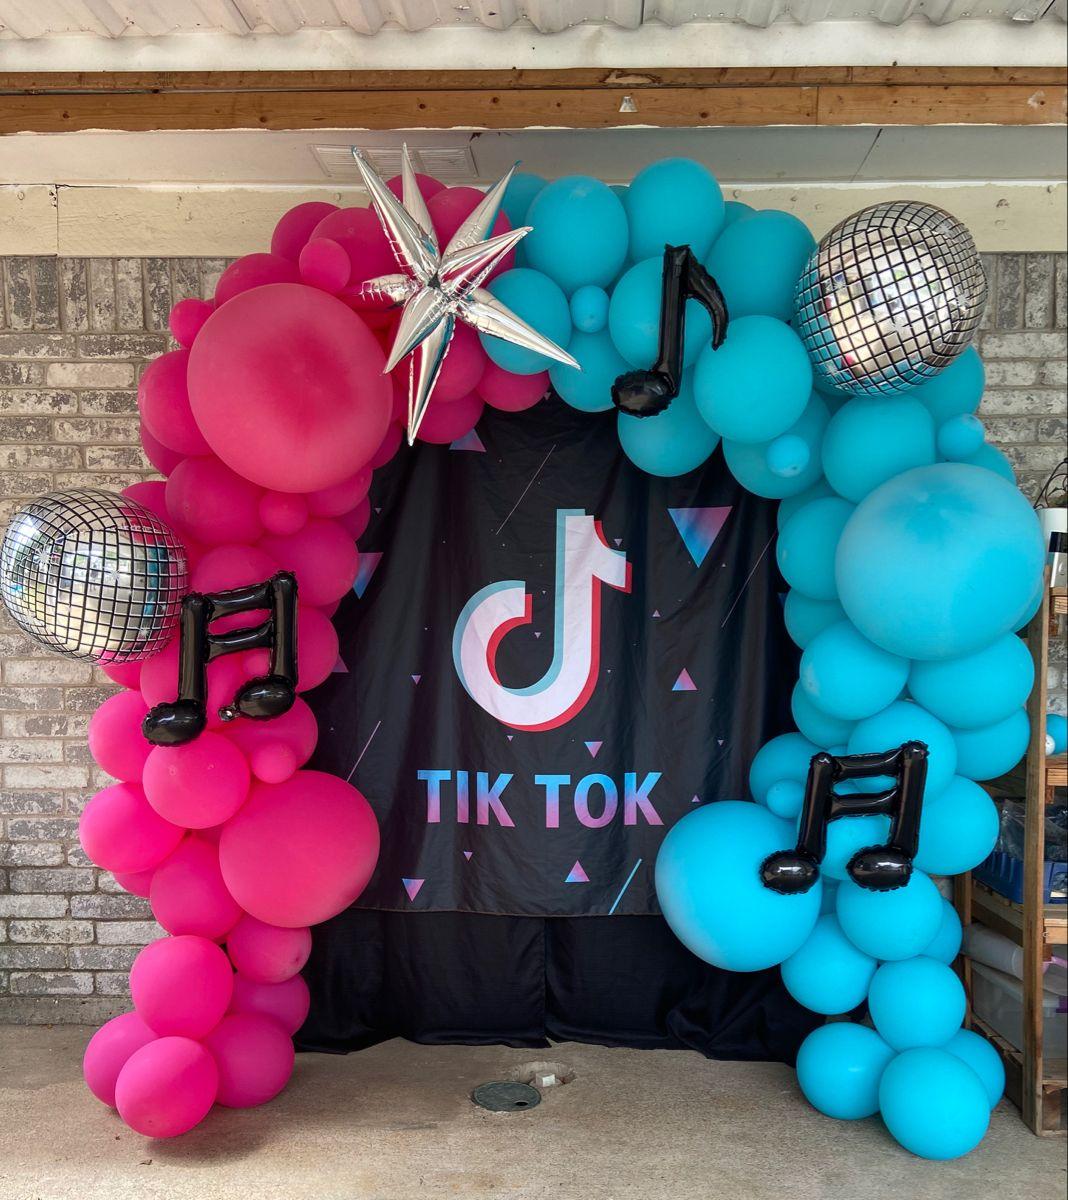 Tiktok Ballon Backdrop With Music Notes Disco Ball And Starburst Balloons Tiktok Balloon Girls Tea Party Birthday Birthday Party Favors Tea Party Birthday